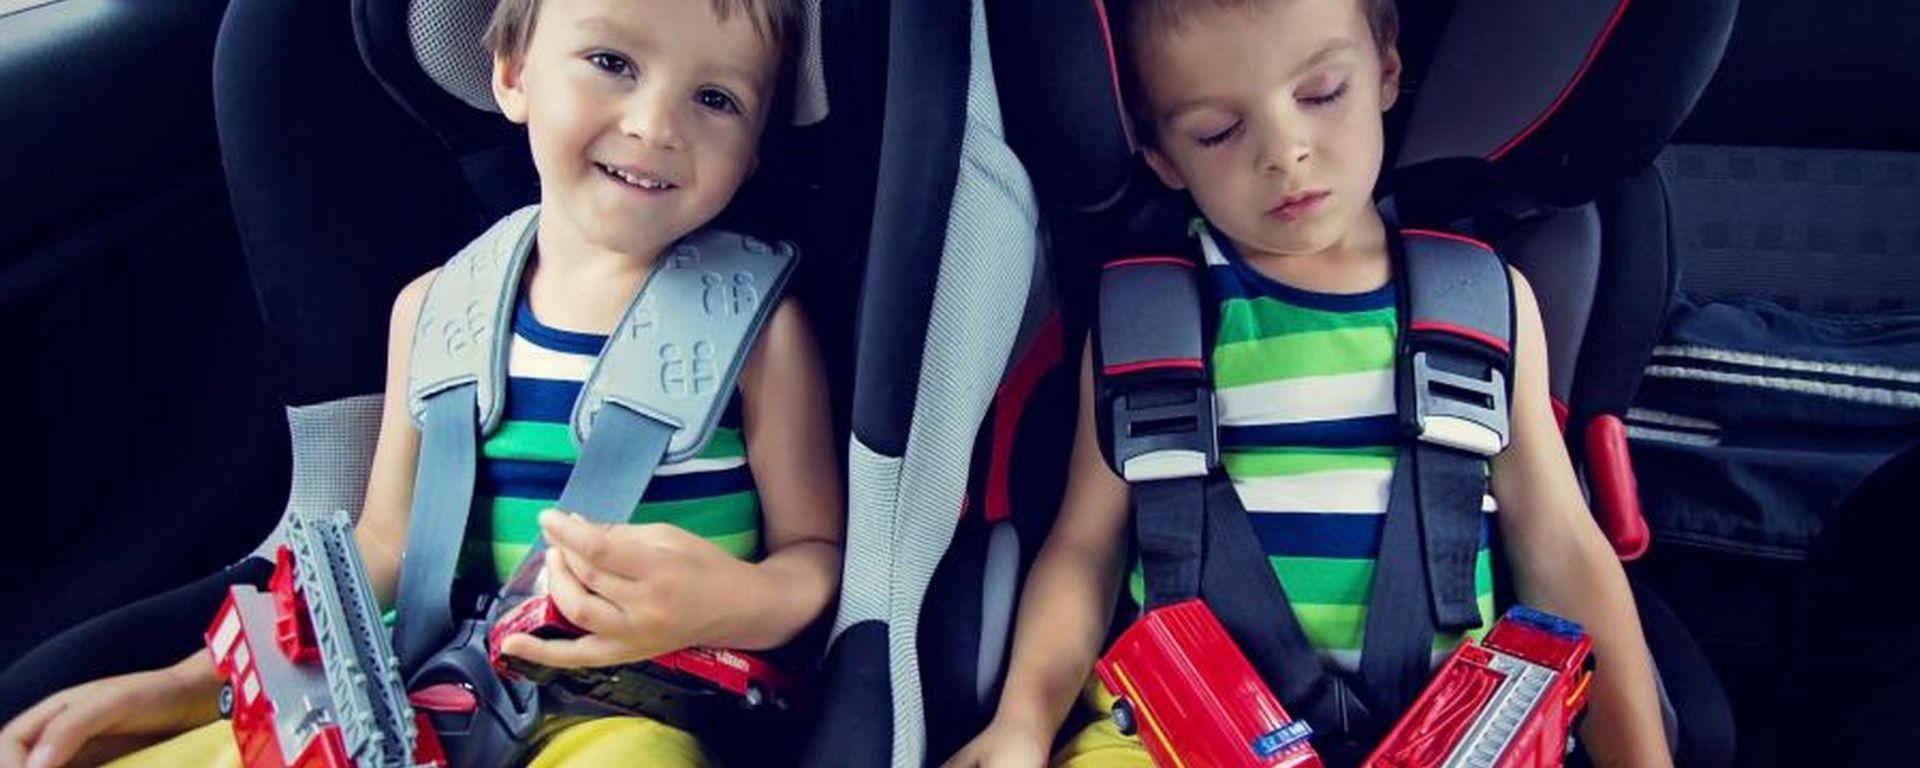 I consigli per viaggiare con i bambini